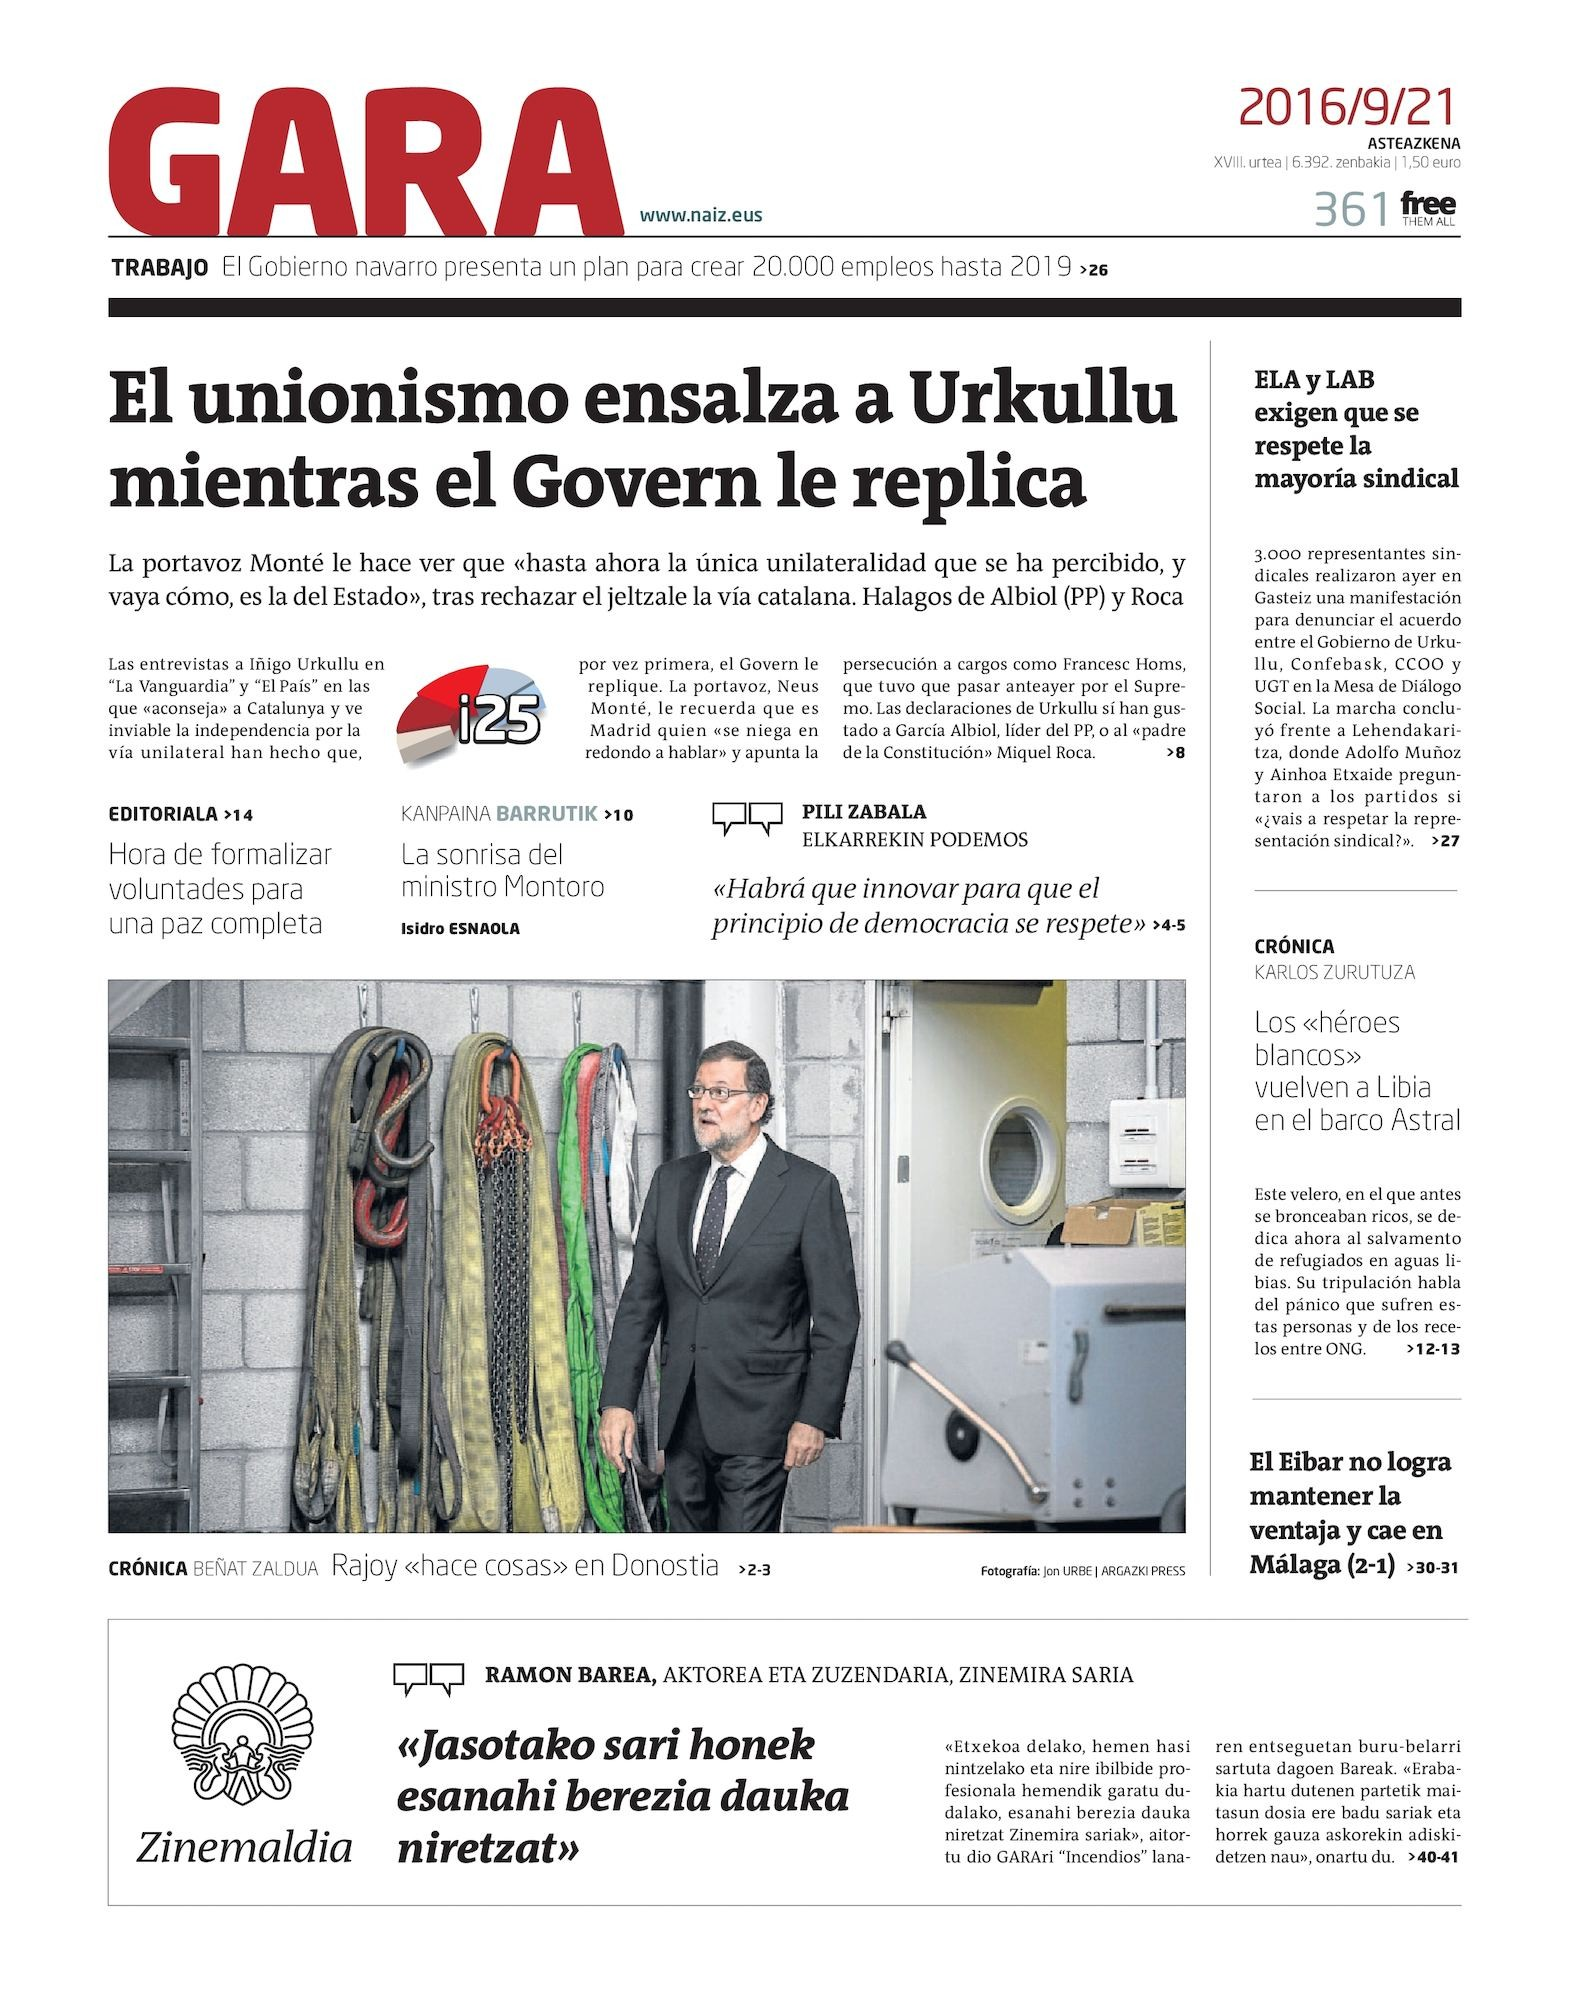 Calendario Laboral Barcelona 2019 Ugt Más Actual Calaméo Gara Of Calendario Laboral Barcelona 2019 Ugt Recientes Calaméo Diario De Noticias De lava